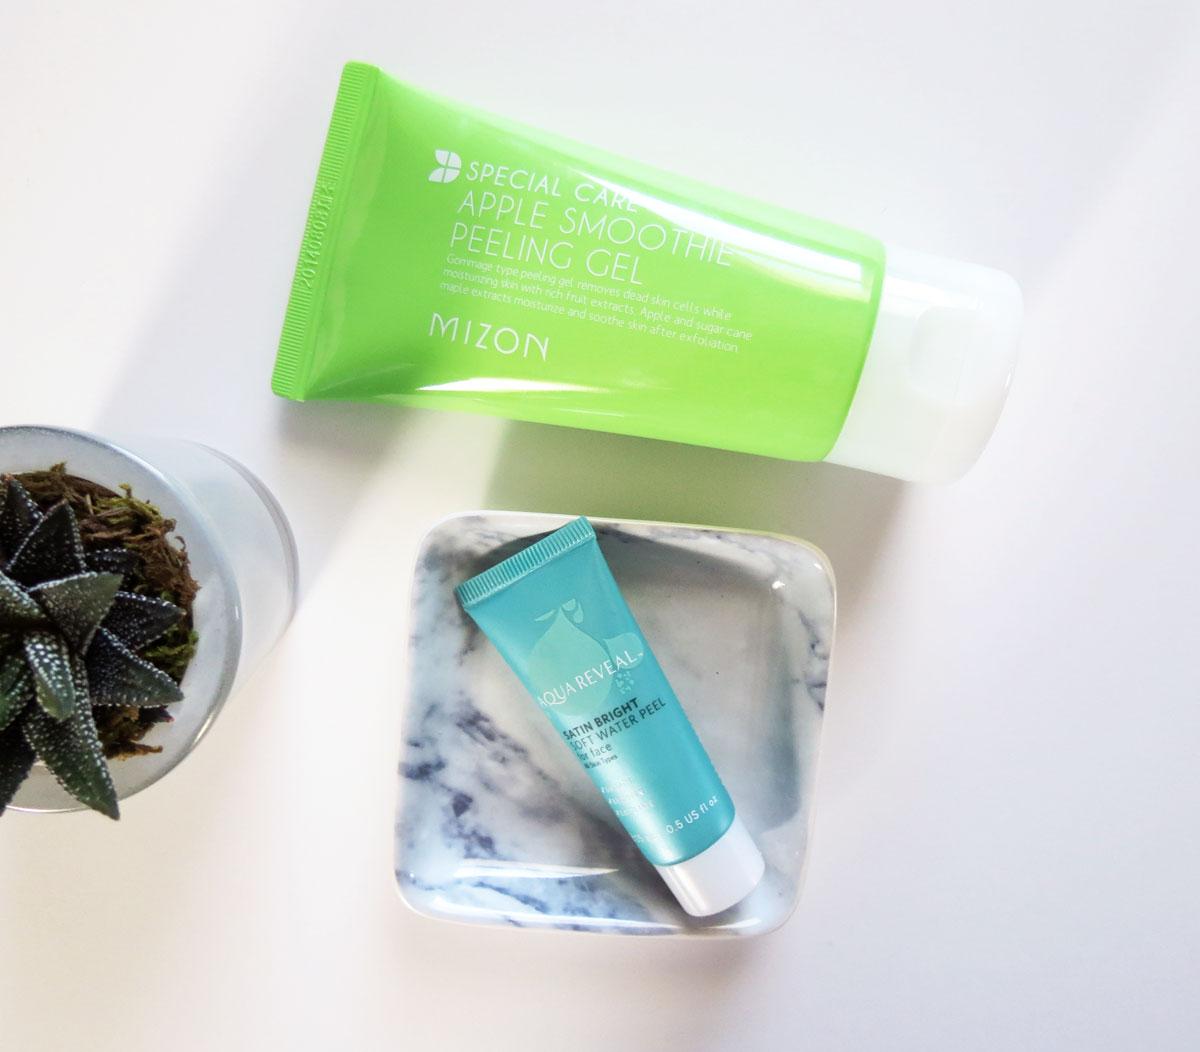 kelseybeauty-exfoliators-aqua-reveal-water-peel-mizon-apple-smoothie-peeling-gel.jpg